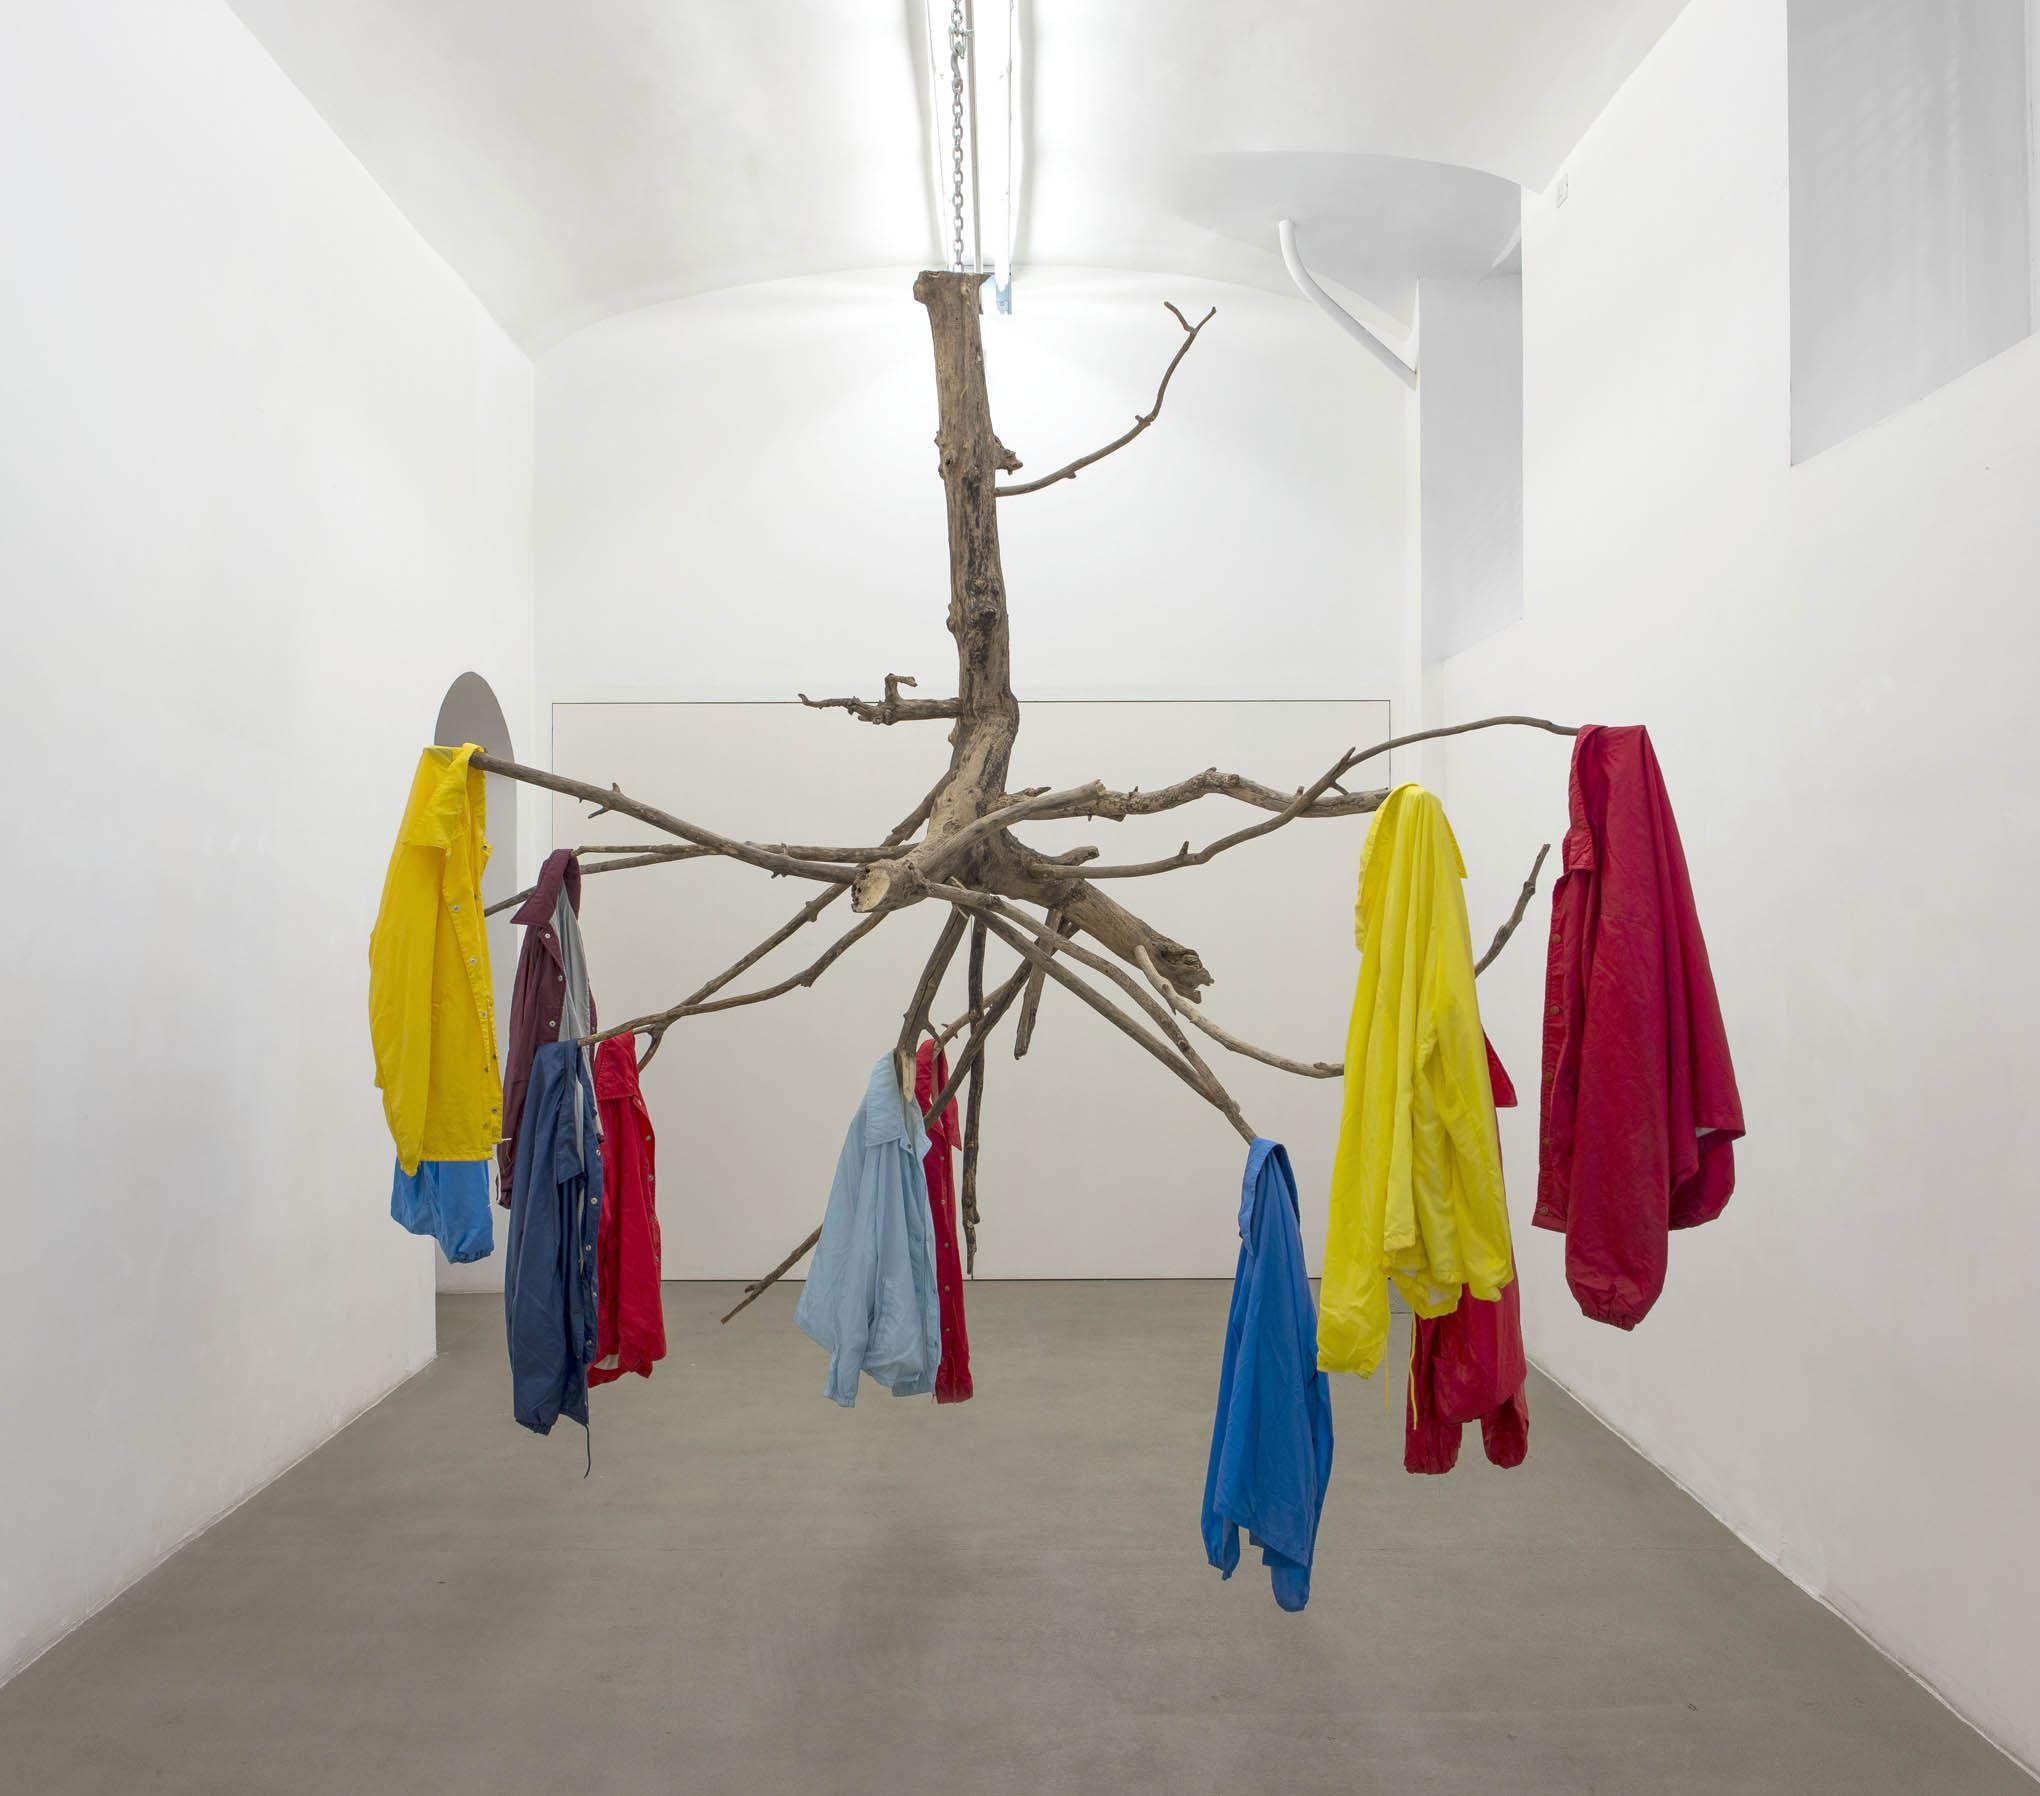 3. Jay Heikes The Family Tree, 2003